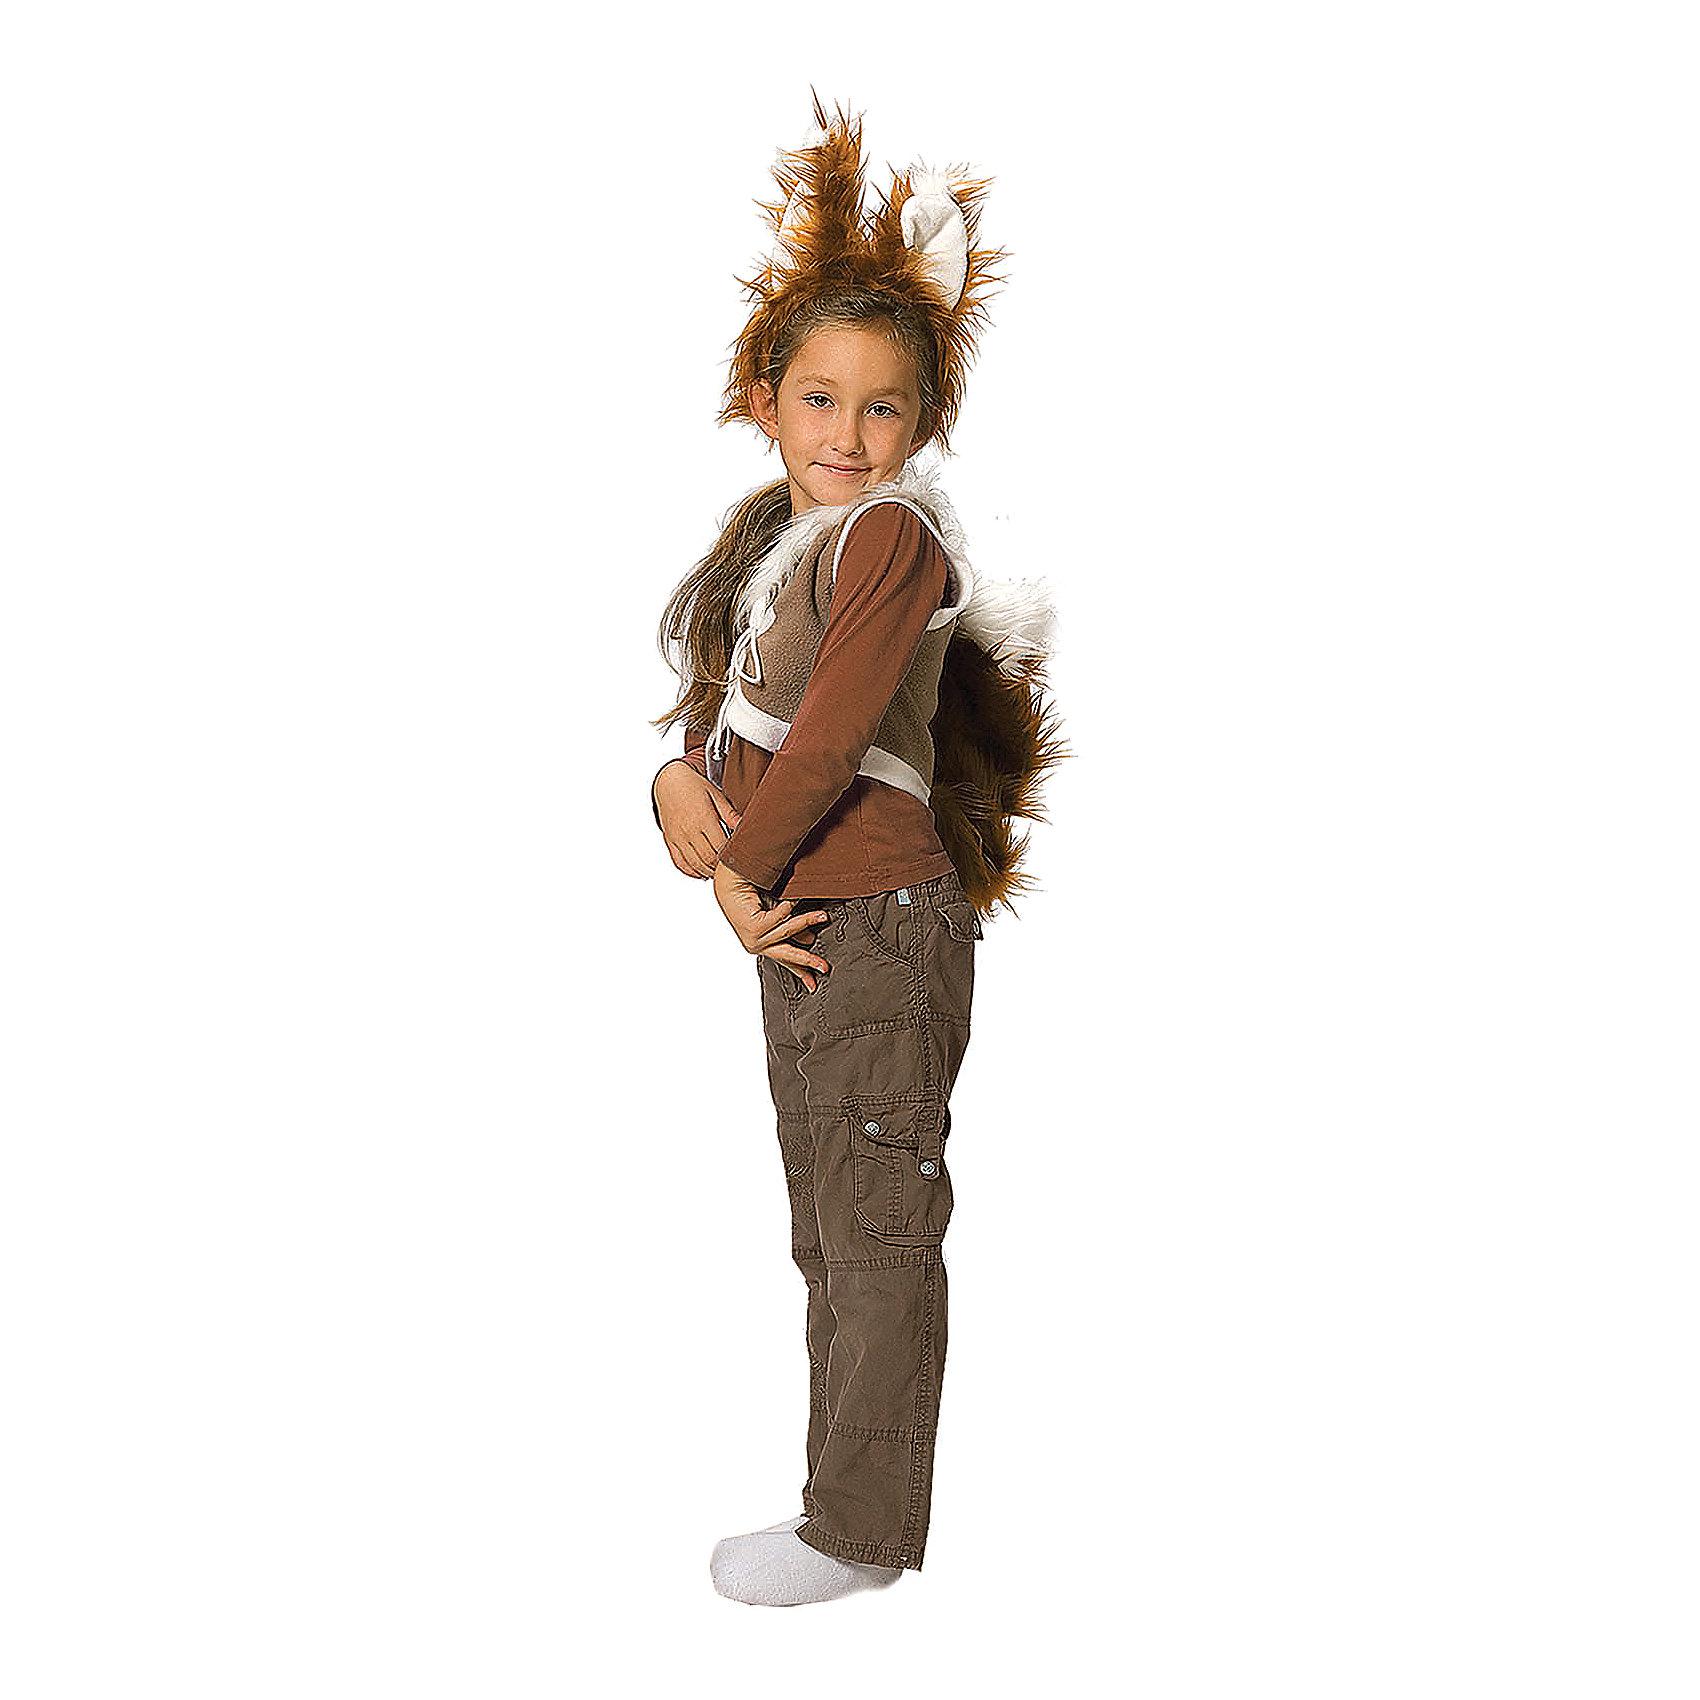 Карнавальный костюм для девочки Белочка, ВестификаДетский карнавальный костюм Белочка один из самых любимых и востребованных костюмов для детского сада. Костюм Белочка для девочки состоит из жилетки и ободка с ушками. Жилетка на груди завязывается шнурком. К жилетке пришит хвост.<br><br>Дополнительная информация:<br><br>Комплектация:<br>Жилетка с хвостиком <br>Ободок с ушками<br>Ткани:<br>Флис (100% полиэстер)<br><br>Карнавальный костюм для девочки Белочка, Вестифика можно купить в нашем магазине.<br><br>Ширина мм: 236<br>Глубина мм: 16<br>Высота мм: 184<br>Вес г: 100<br>Цвет: разноцветный<br>Возраст от месяцев: 48<br>Возраст до месяцев: 60<br>Пол: Женский<br>Возраст: Детский<br>Размер: 104/110<br>SKU: 4389276